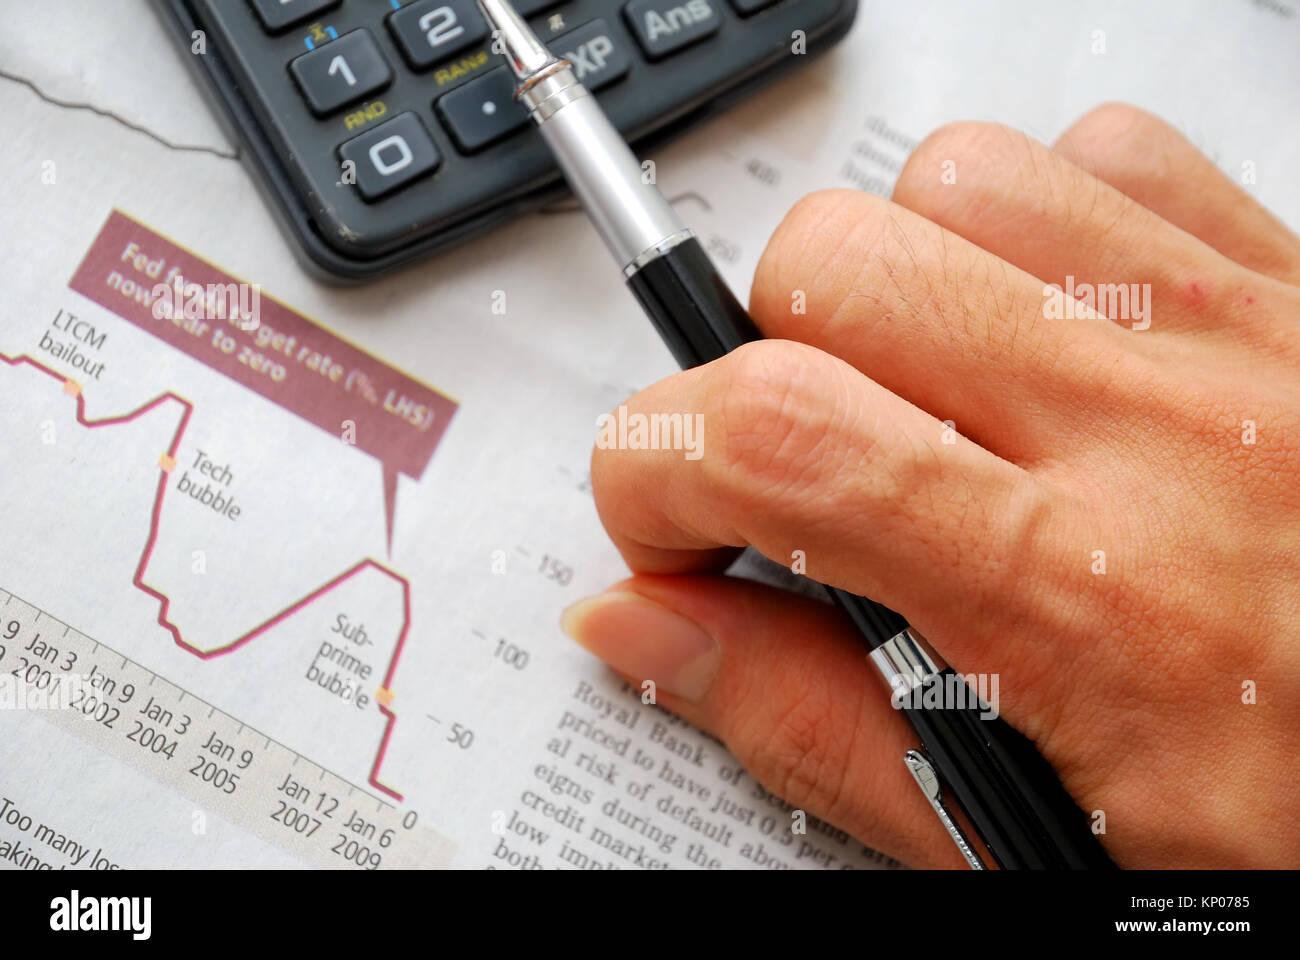 Nahaufnahme der Hand schreiben und finanzielle Dokumente mit der Grafik der Börse im Hintergrund, was bedeutet Stockbild